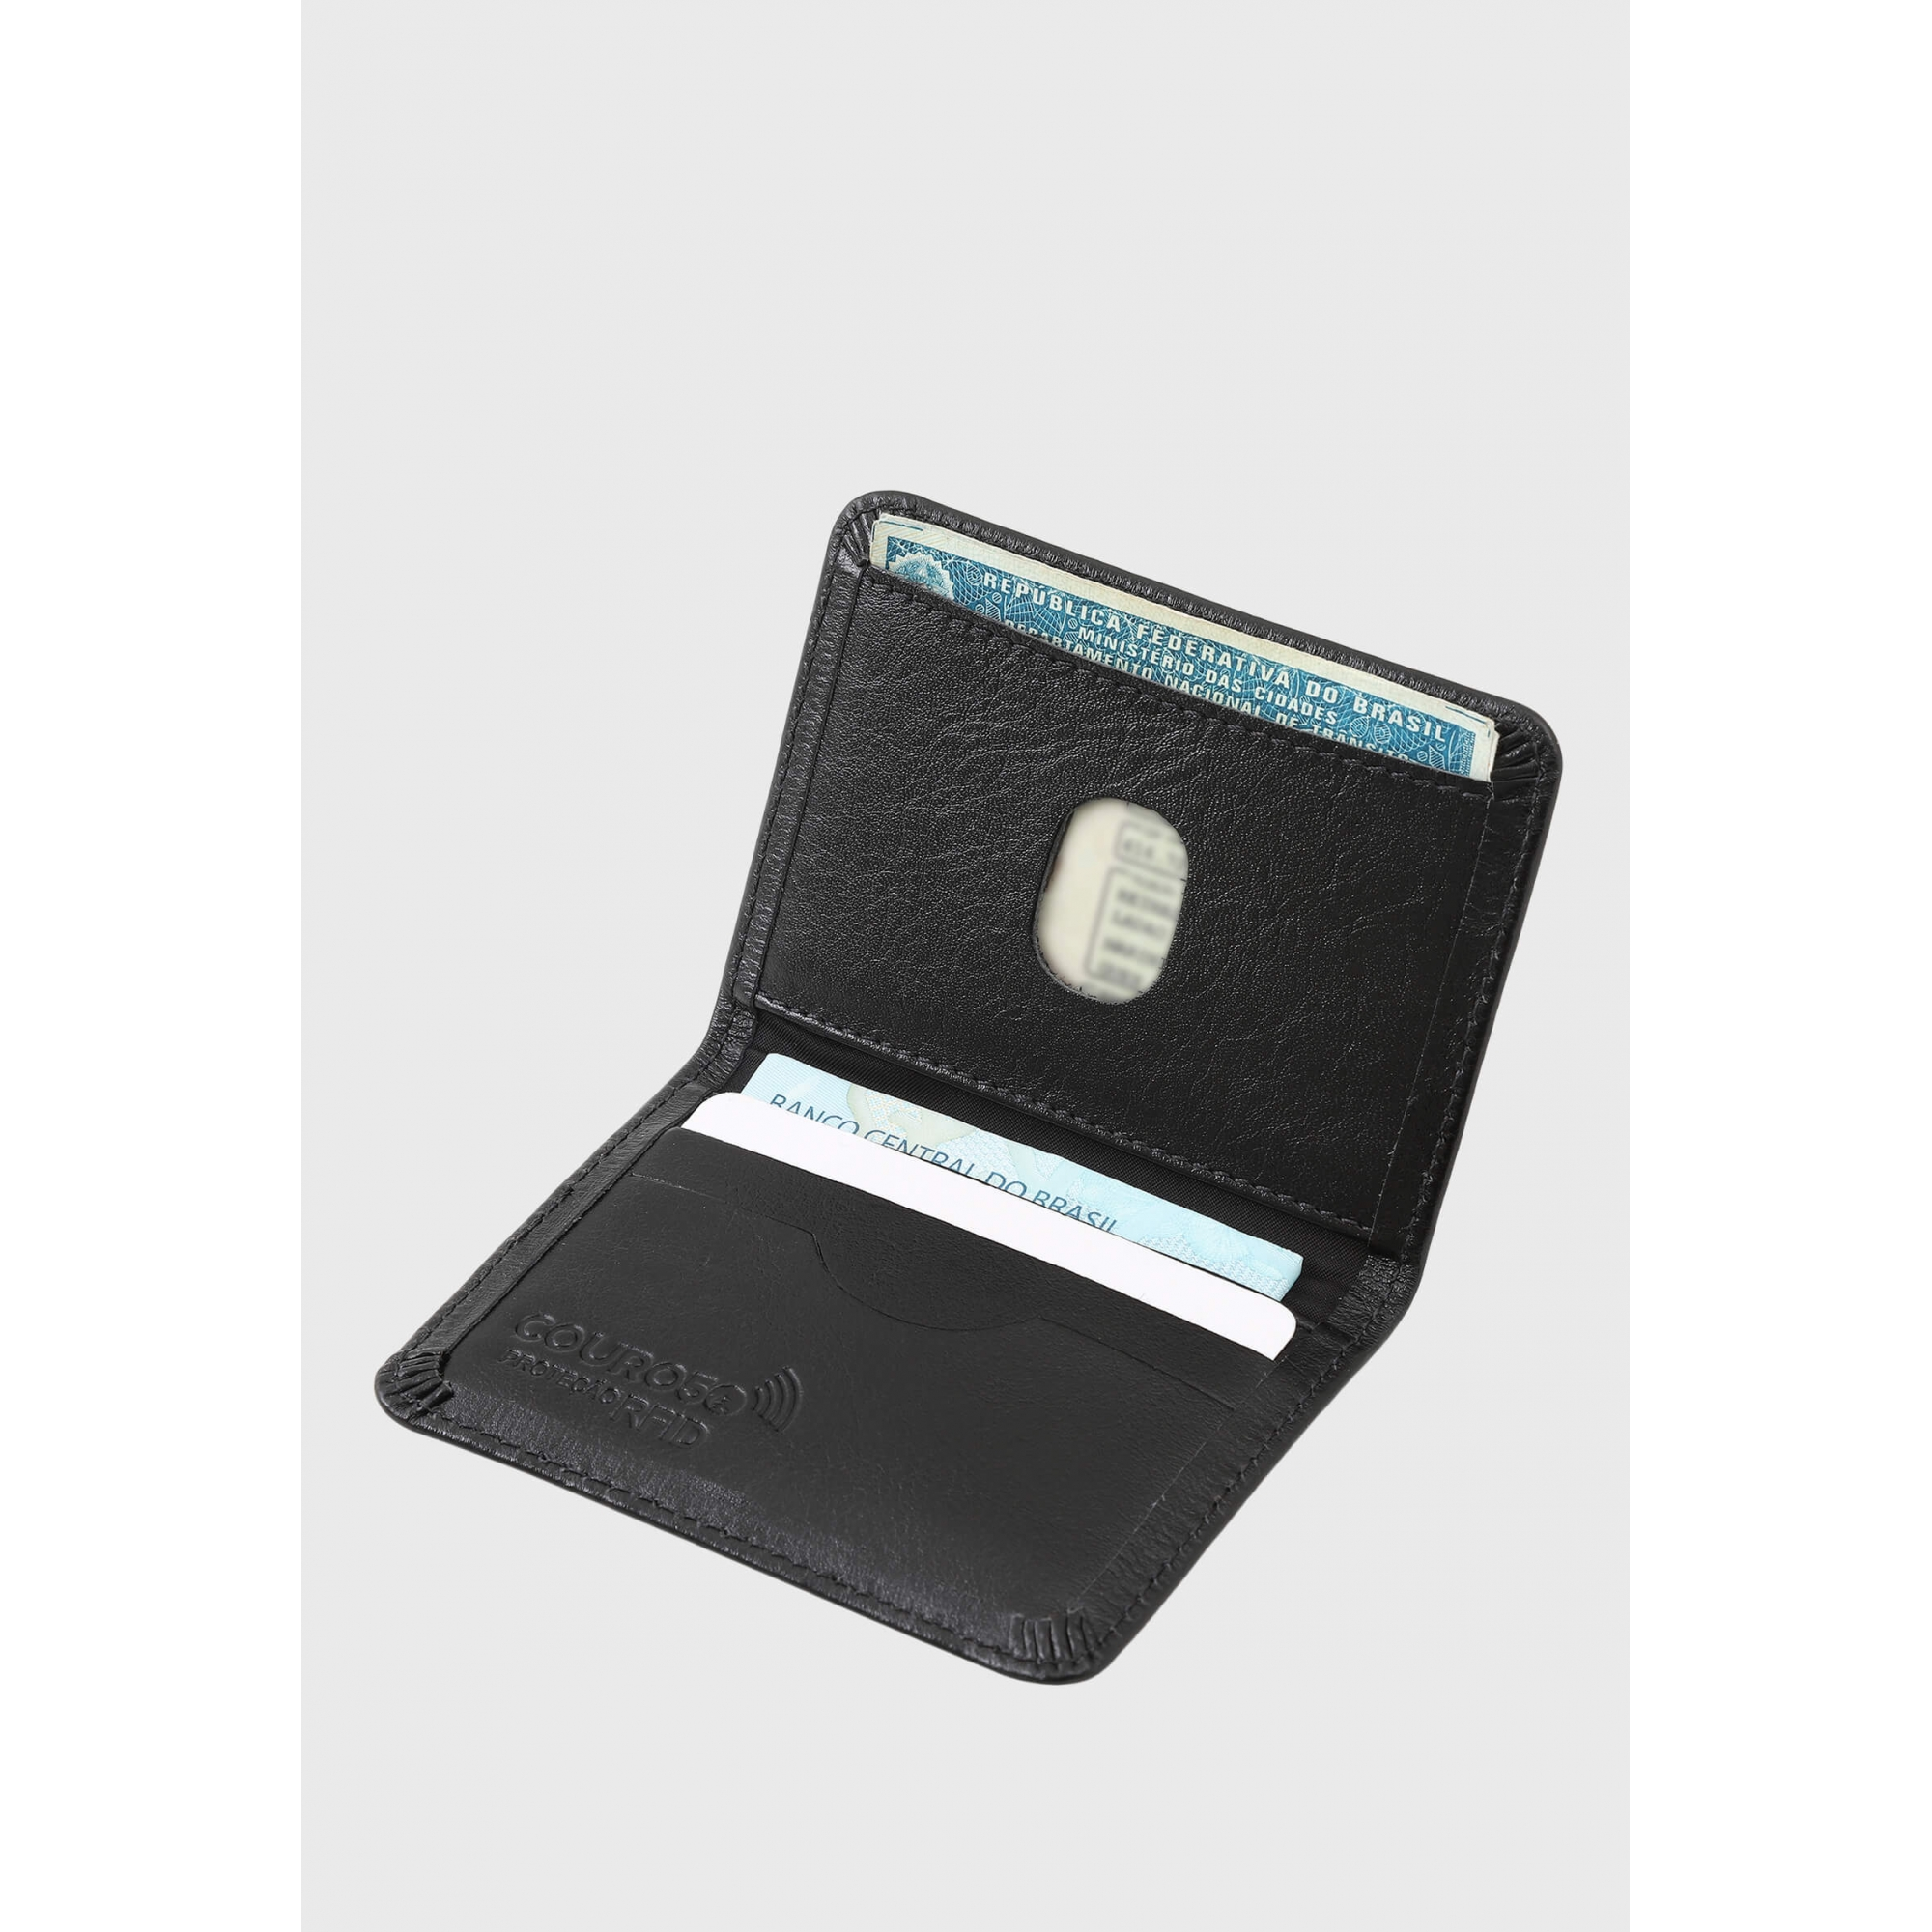 Carteira Couro Couro50 Proteção Antifurto RFID 631